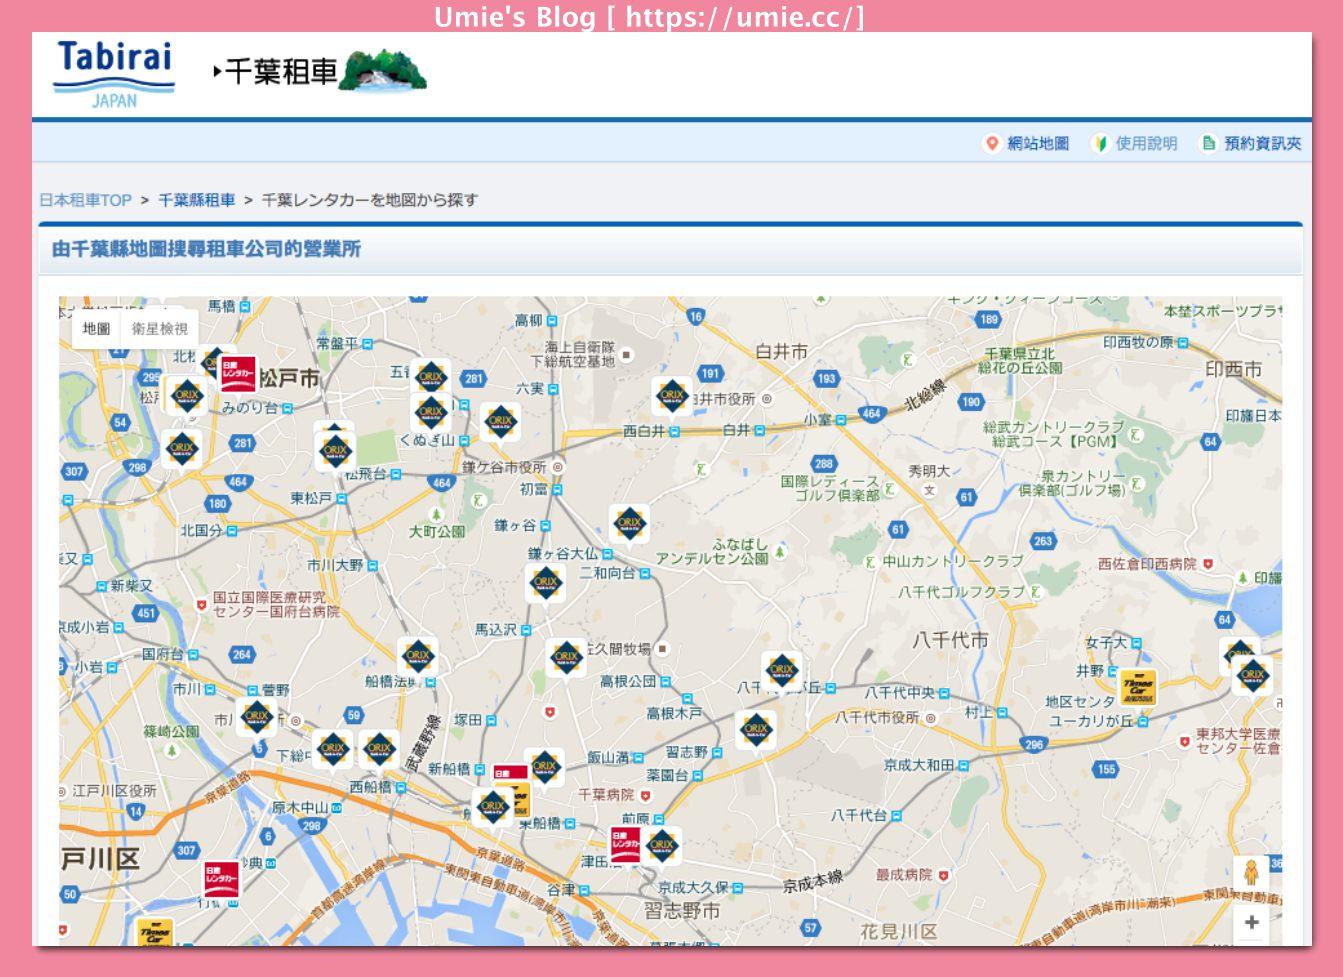 日本自駕遊租車初體驗|千葉一日遊行程:採藍莓|賞花|日本夜景遺產) |(Tabirai線上租車教學!)